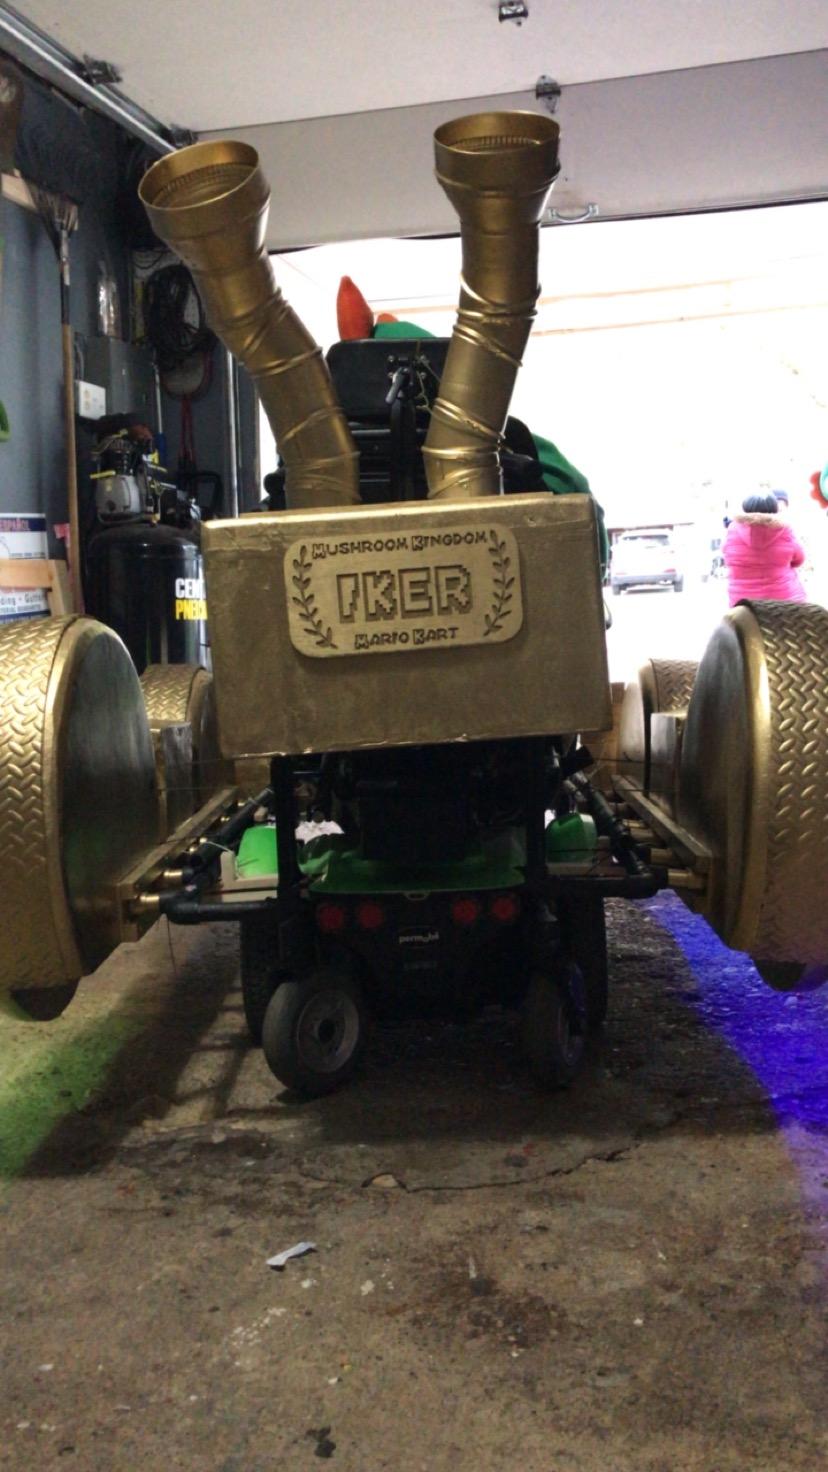 Iker Mario Kart 1.JPG